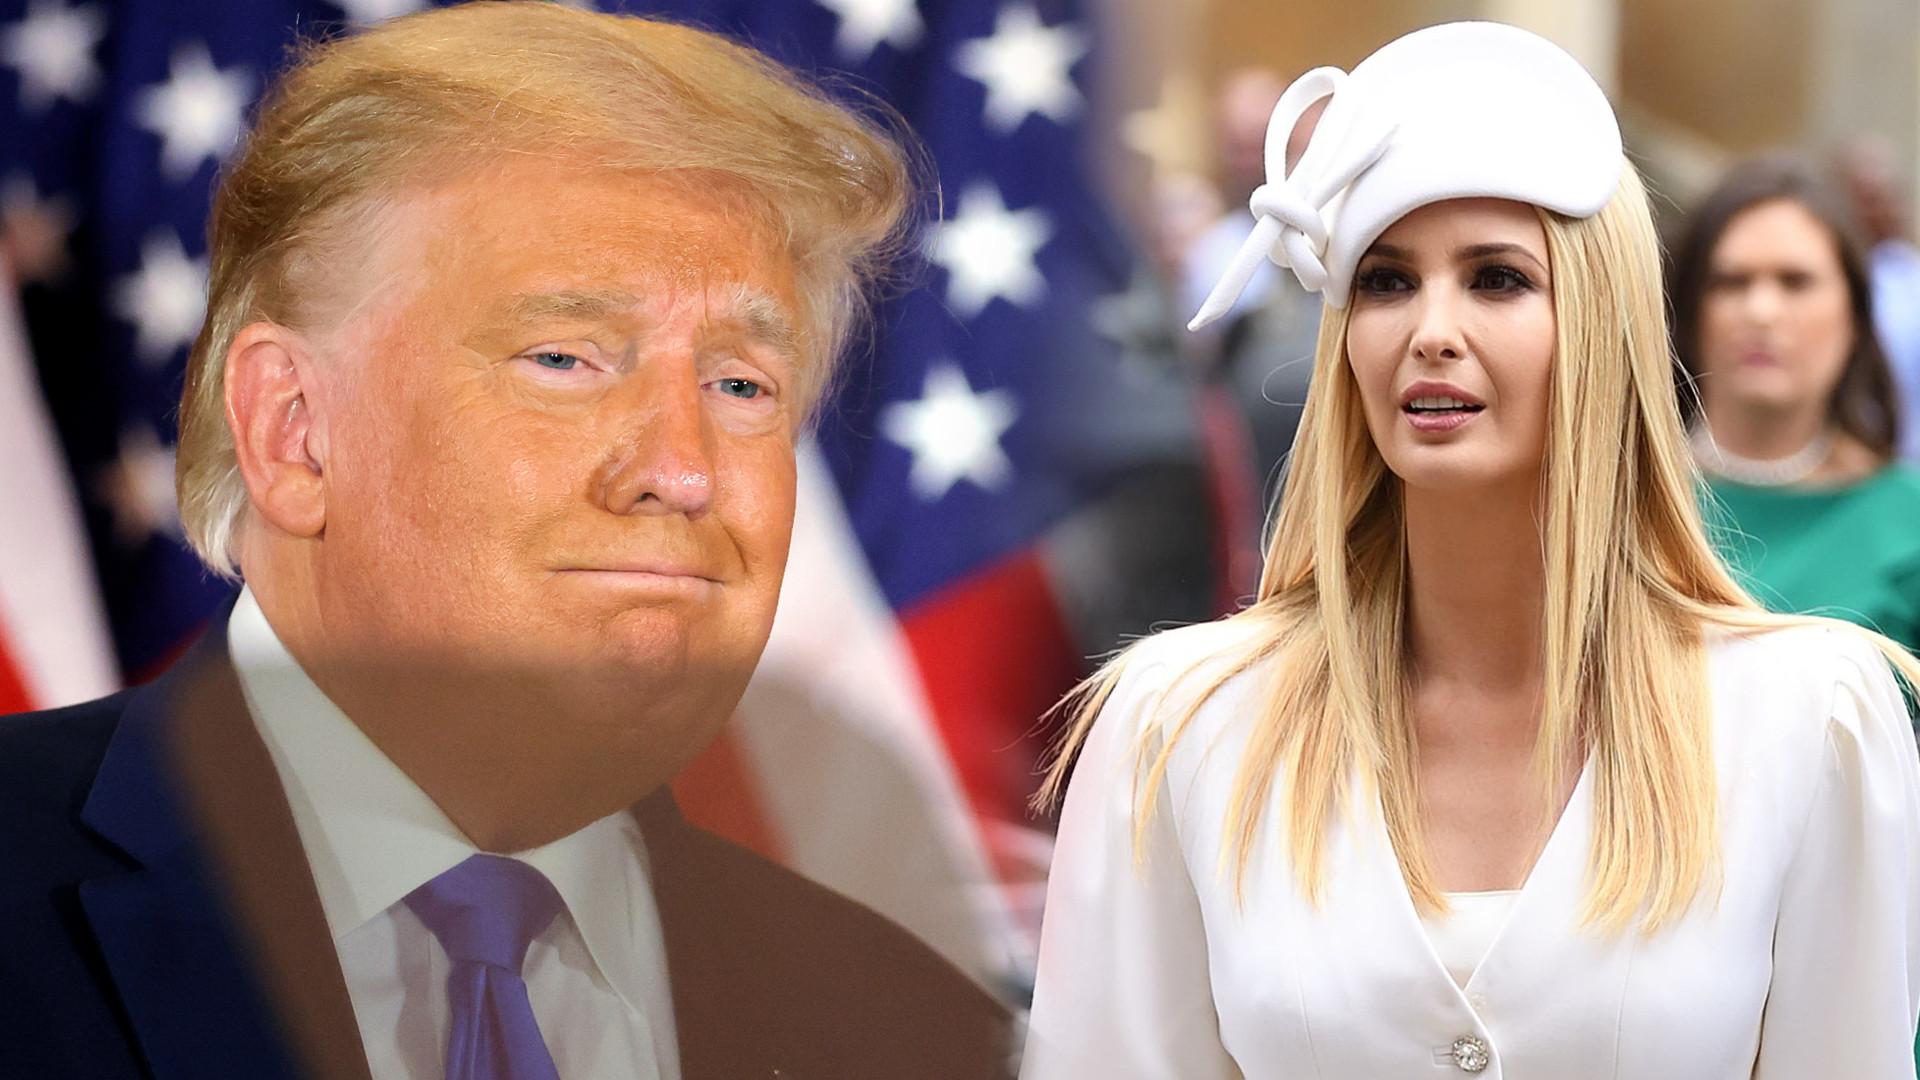 Przyjaciółka Ivanki Trump opowiedziała o SKANDALICZNYM zachowaniu Donalda Trumpa: Nigdy nie zapomnę tego…